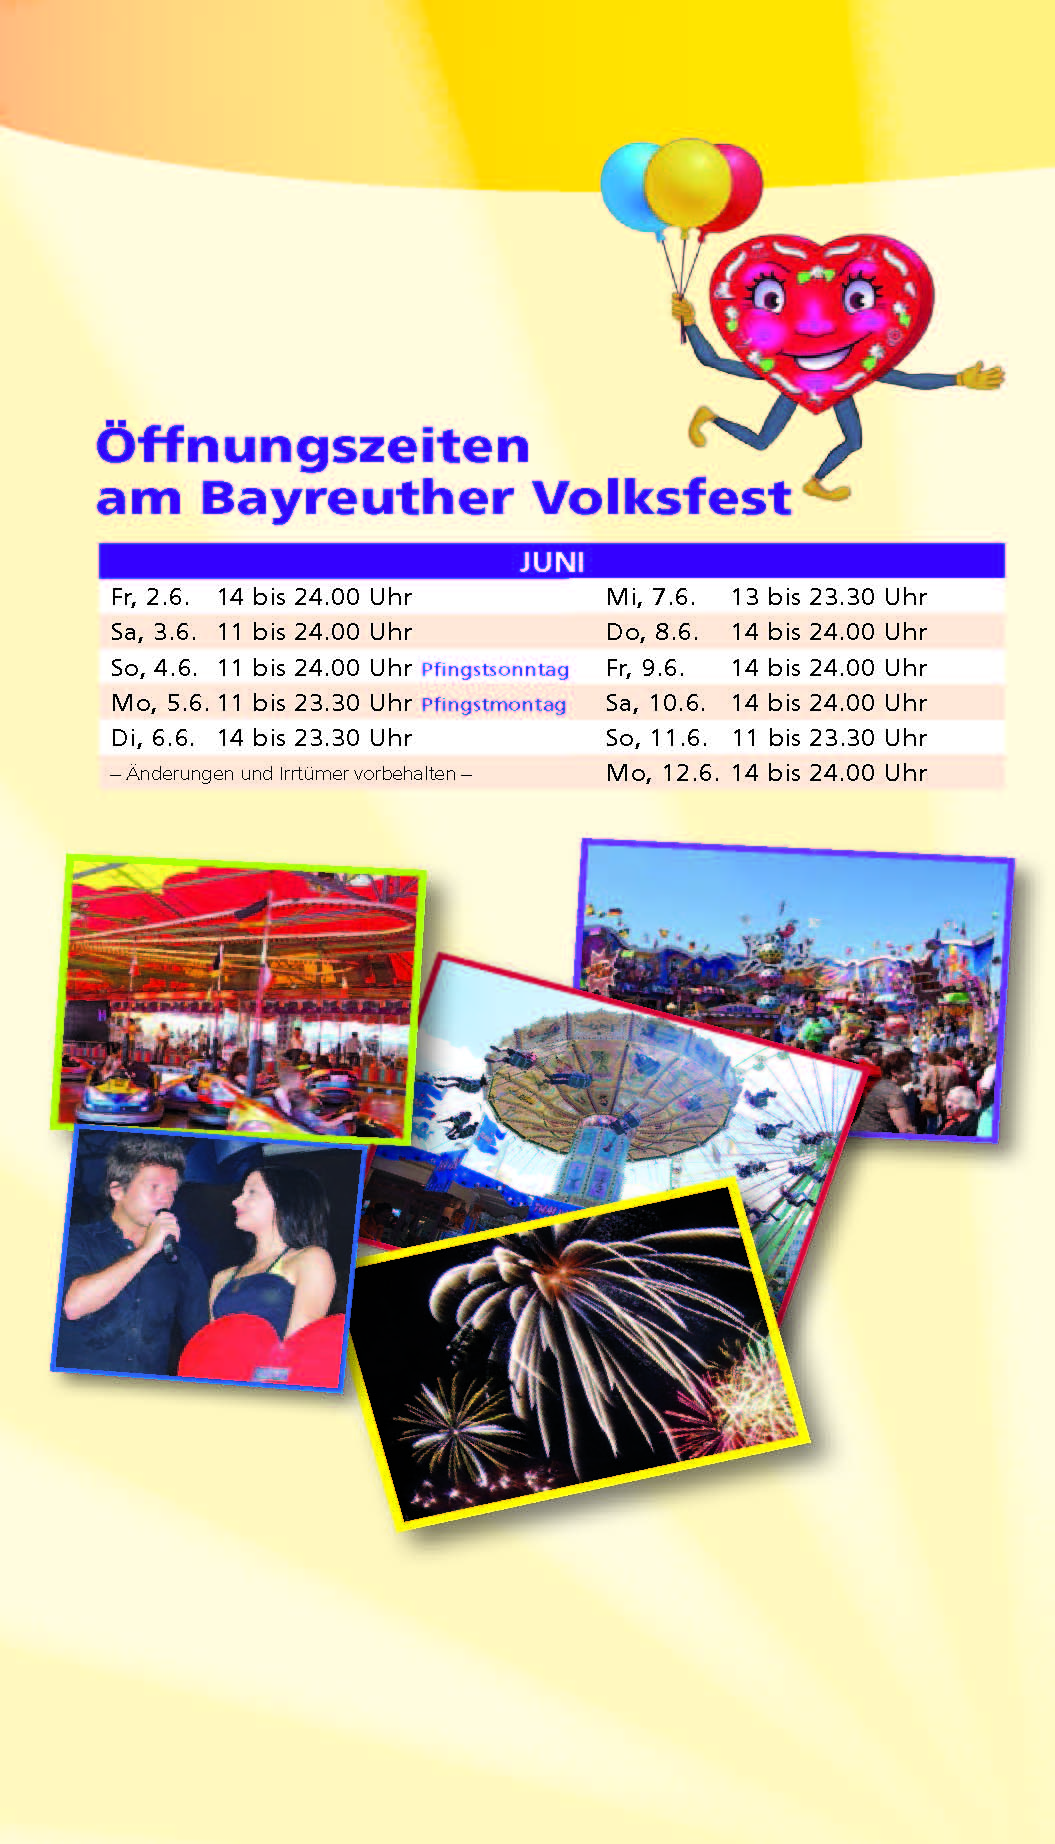 öffnungszeiten volksfest stuttgart